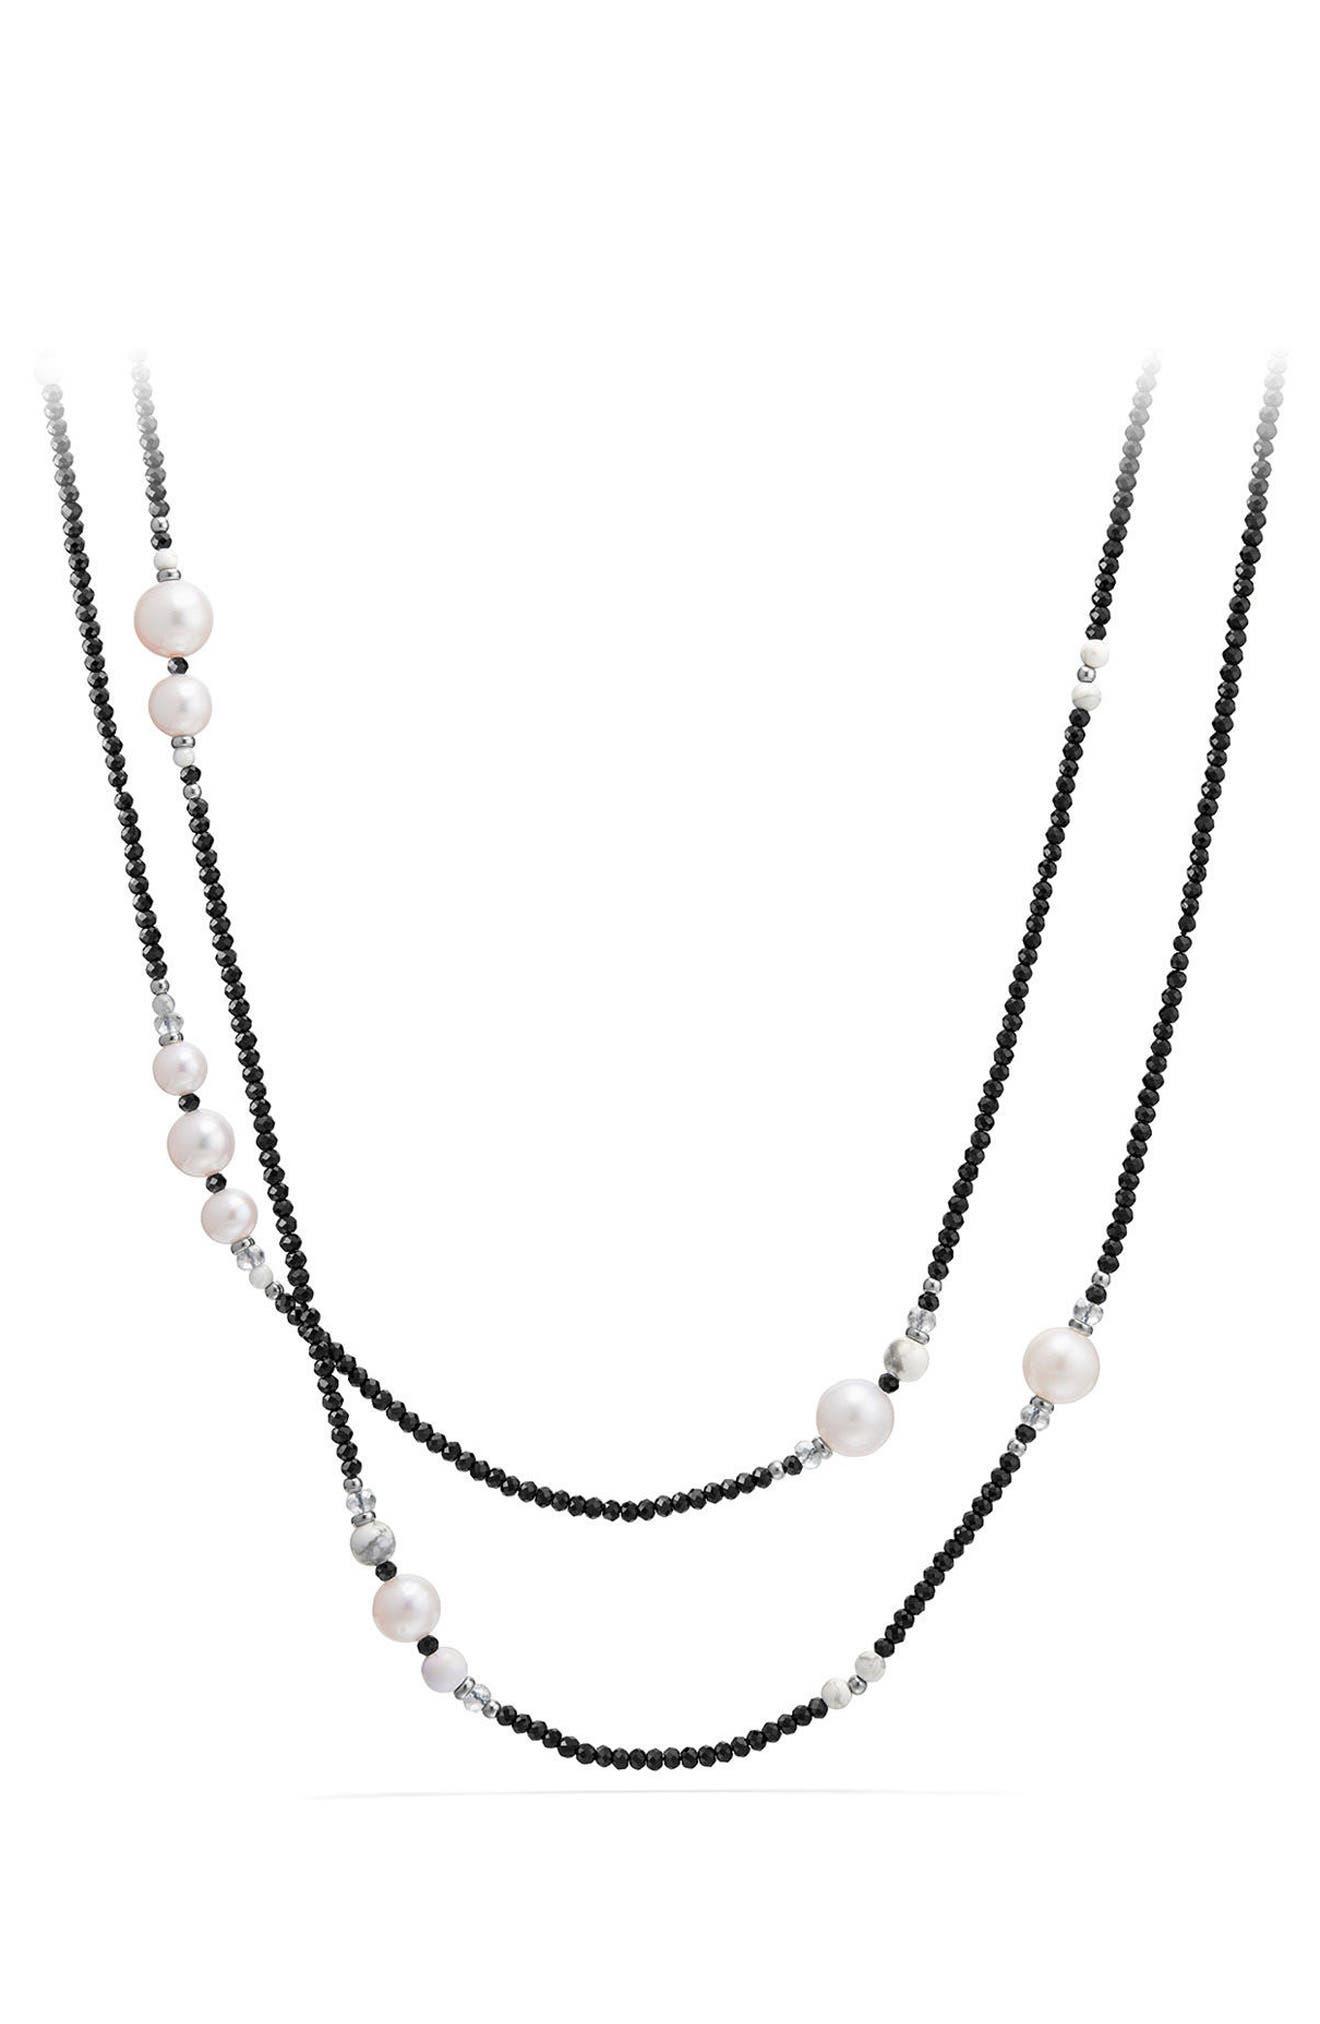 DAVID YURMAN Solari - Tweejoux Pearl Necklace, Main, color, PEARL/ BLACK SPINEL